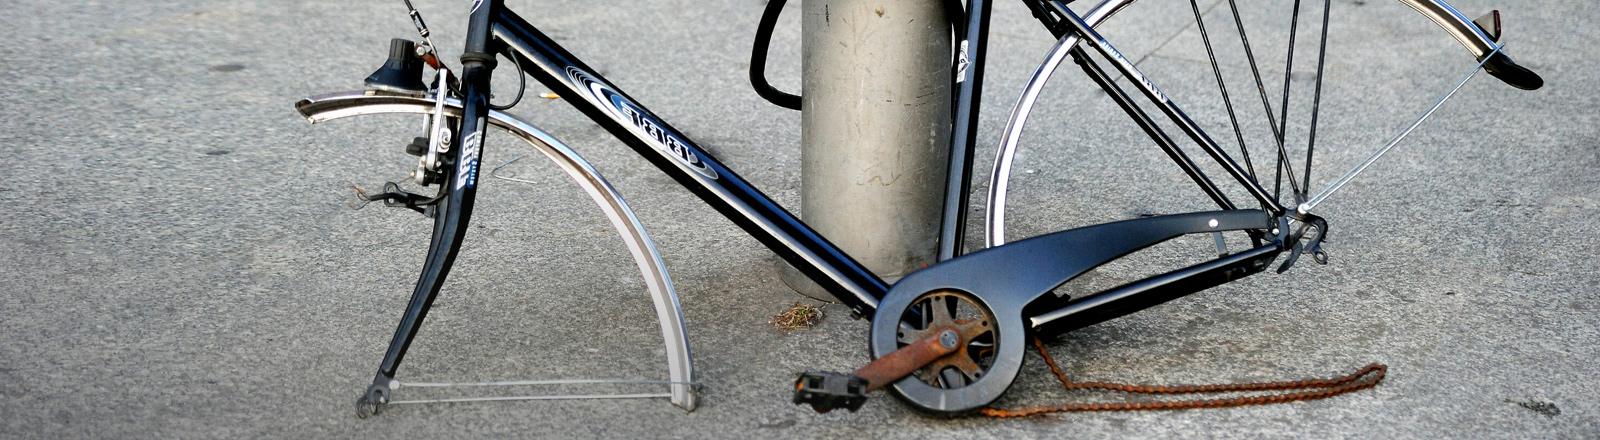 Ein Fahrrad, von dem die Räder und der Sattel gestohlen wurden.